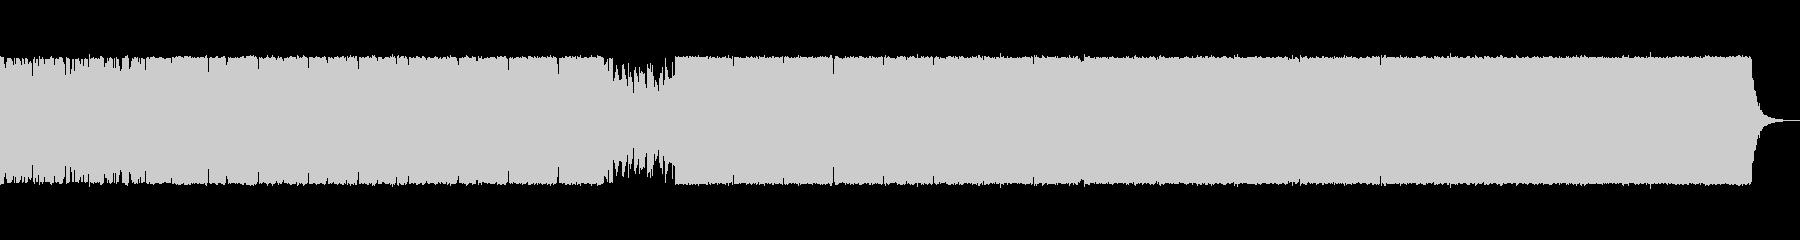 暗い/ダーク/重厚感/シリアス/EDMの未再生の波形